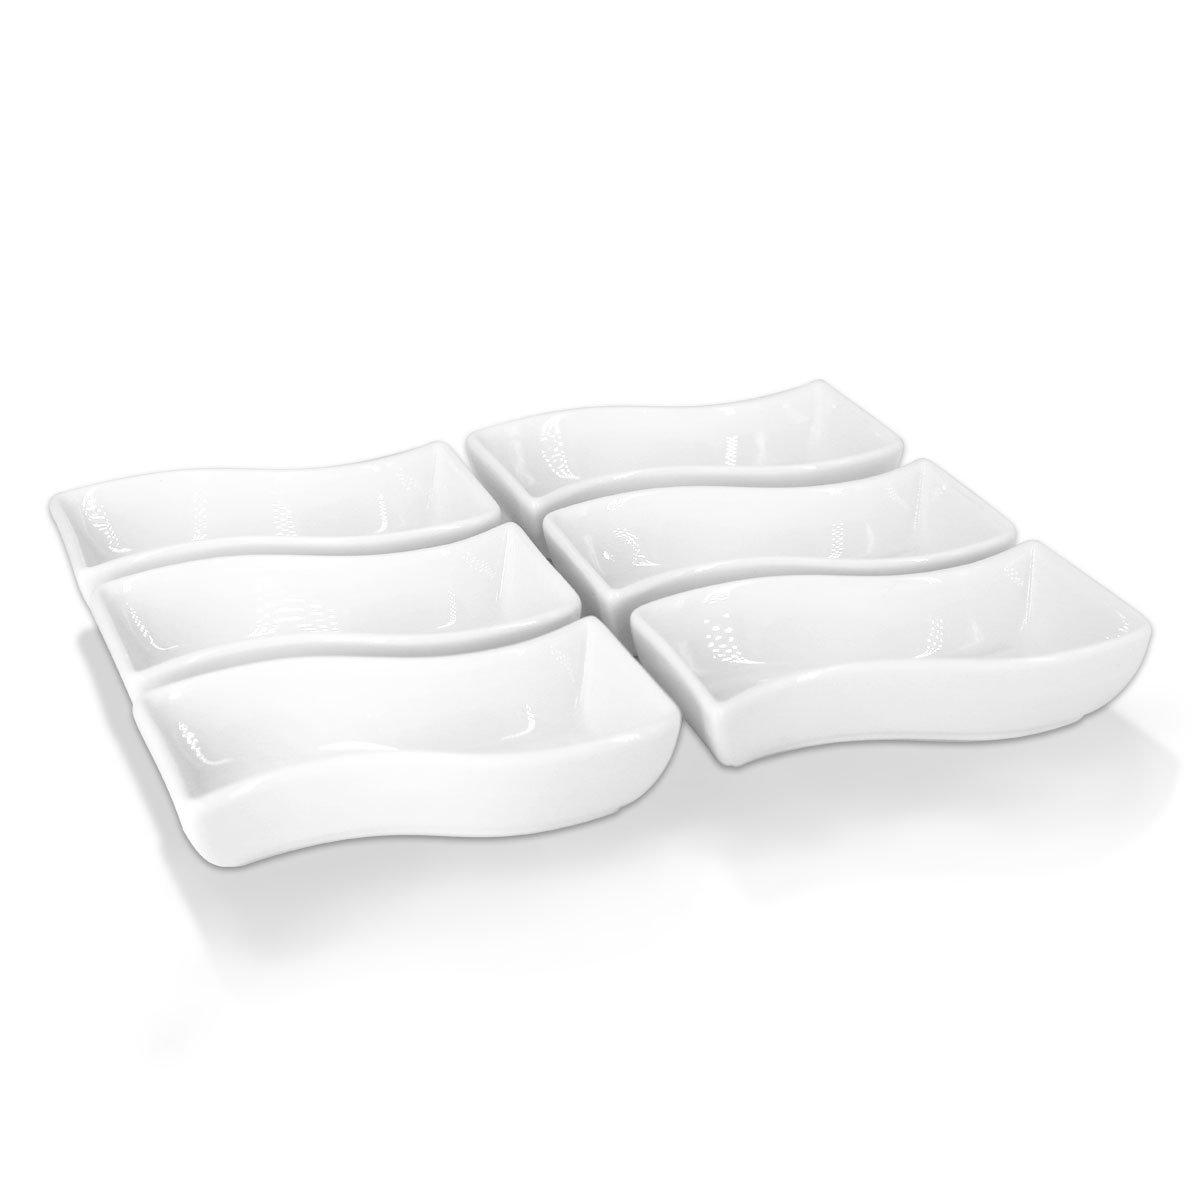 Appetizer Bowls Condiment dish-Soy Sauce Dish Condiment Serving White Porcelain Serving Bowls/Ramekin/Sushi,Set of 6,1oz Each